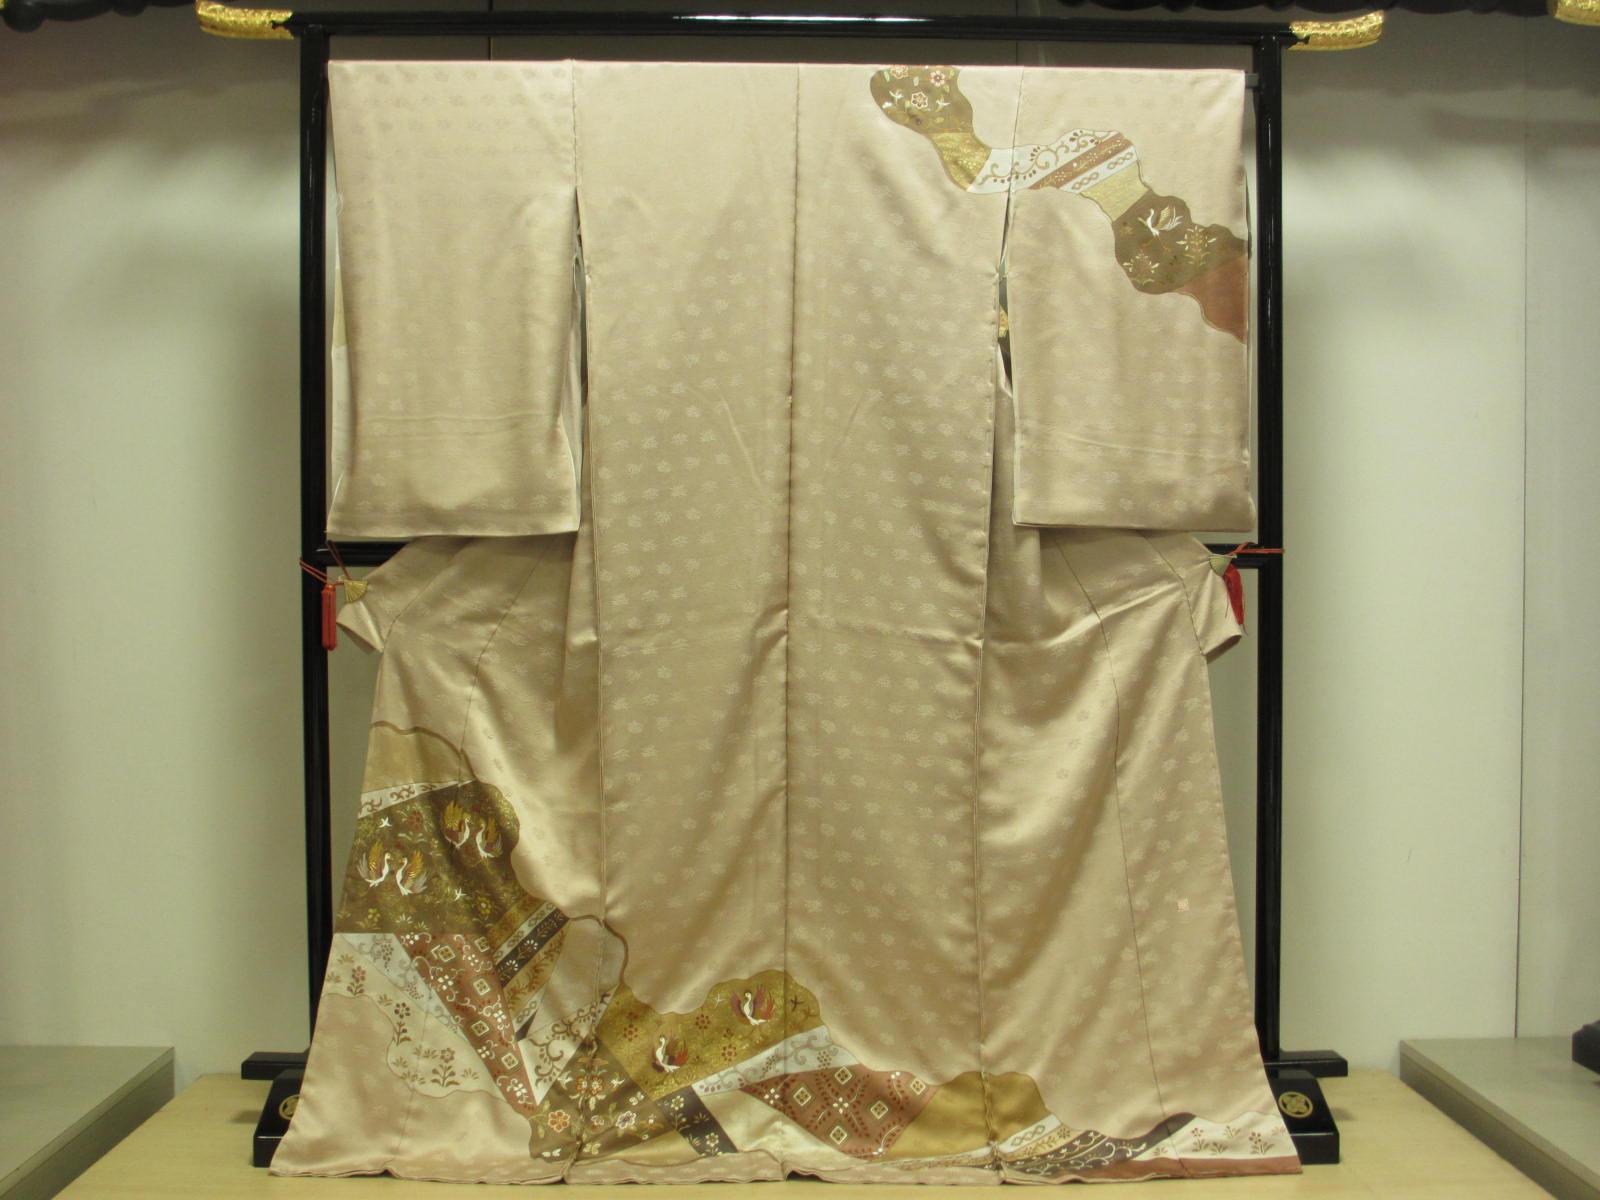 ロイヤル デザイナ- カズ・イトウ礼装 訪問着  展示品 絹100% 送料無料